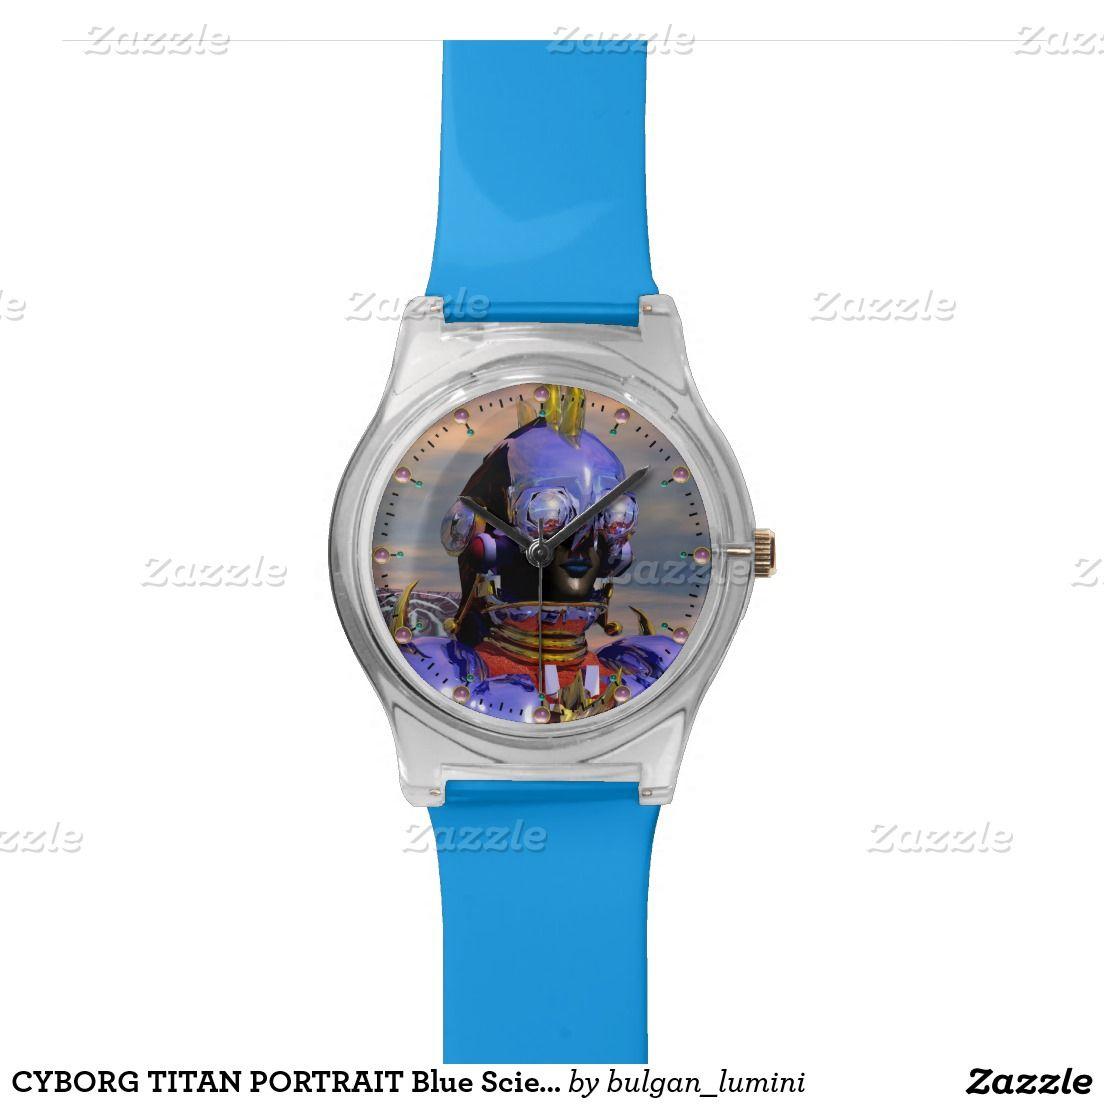 CYBTITAN PORTRAIT Blue Science Fiction Scifi Wrist Watches